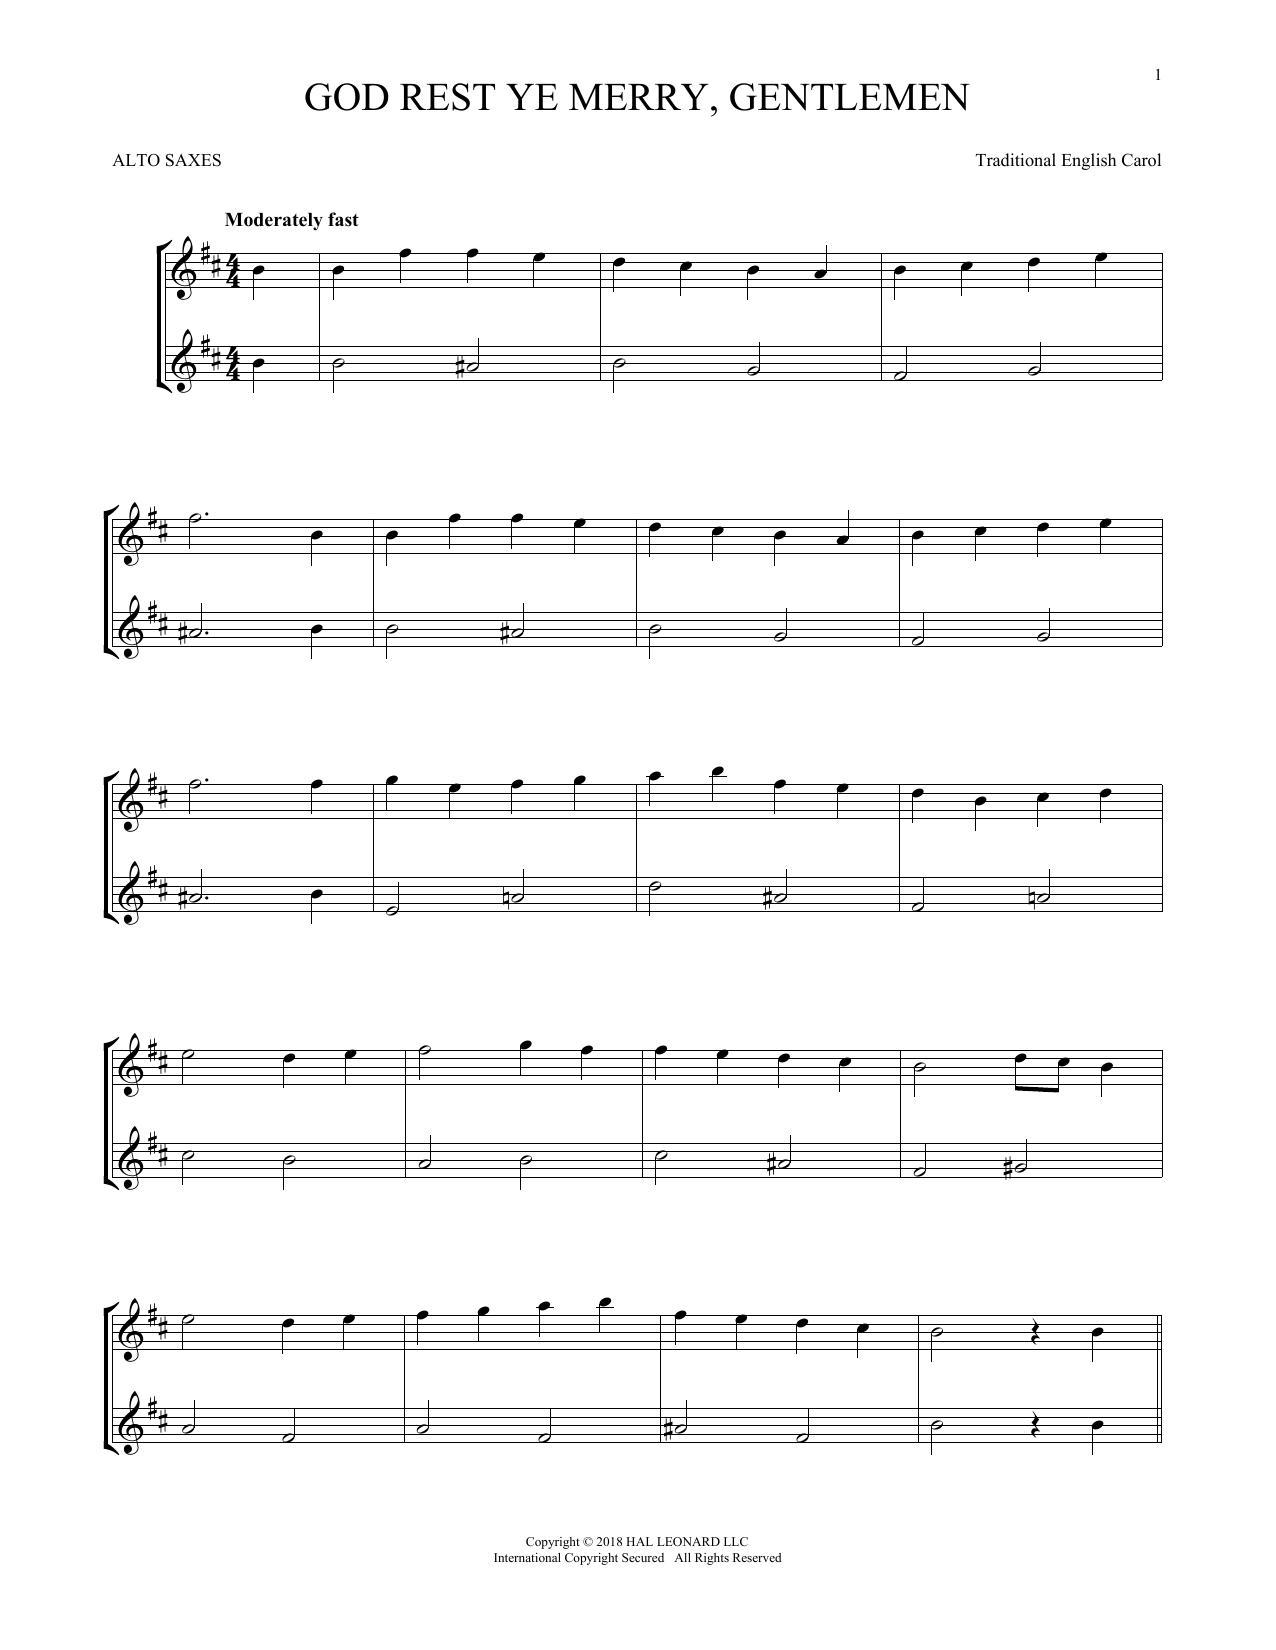 God Rest Ye Merry, Gentlemen (Alto Sax Duet)